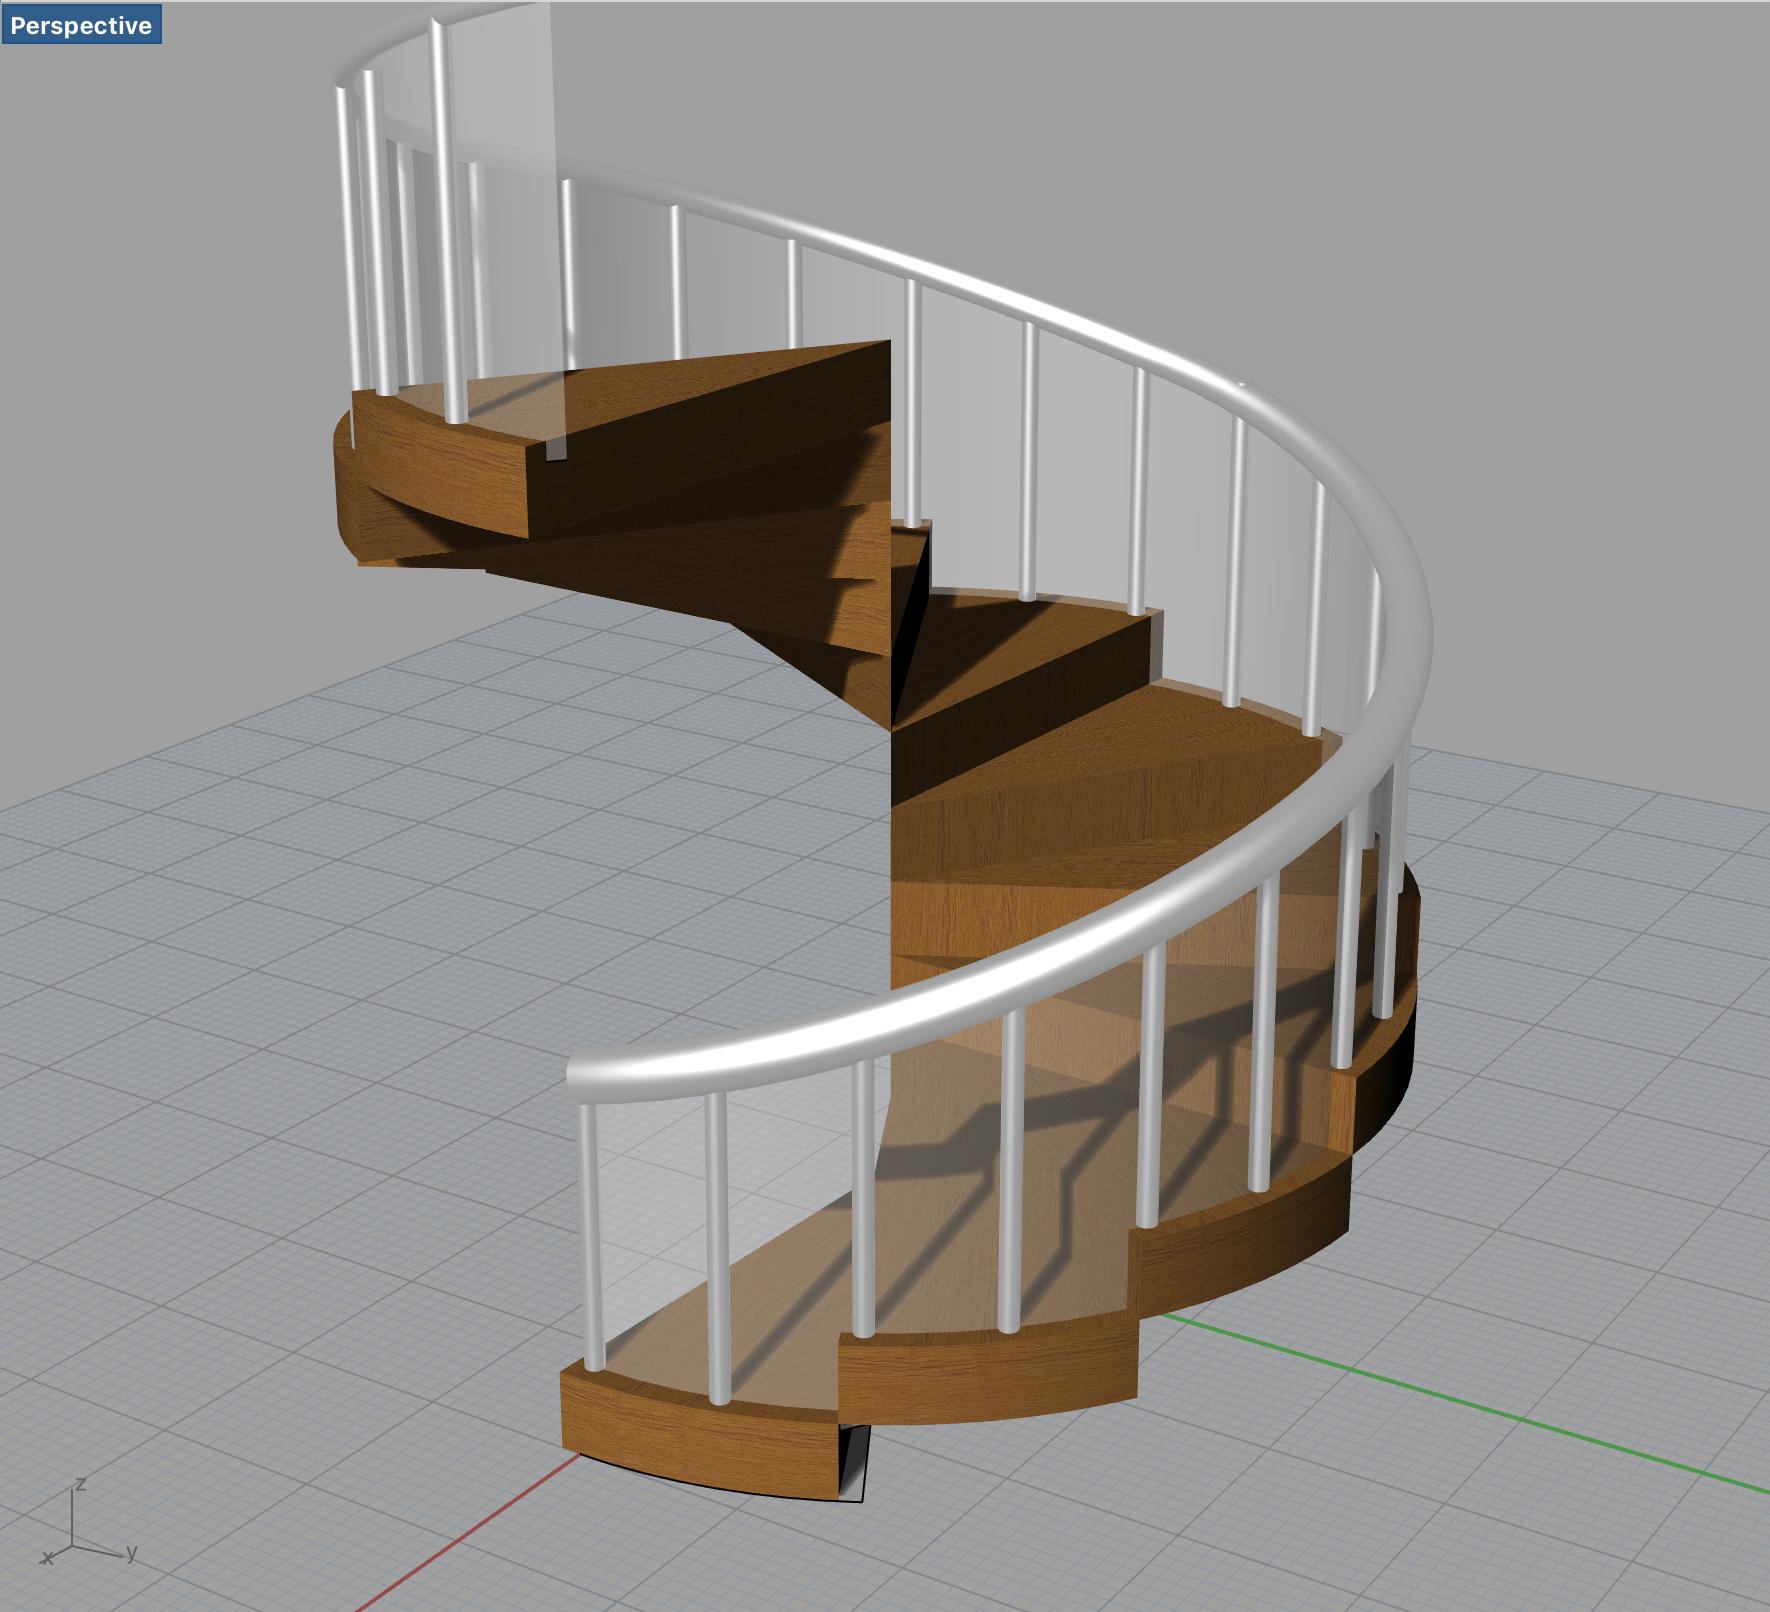 Rhinocerosで階段や柱の規則的なモデリング[Array]コマンドを使いこなせ!